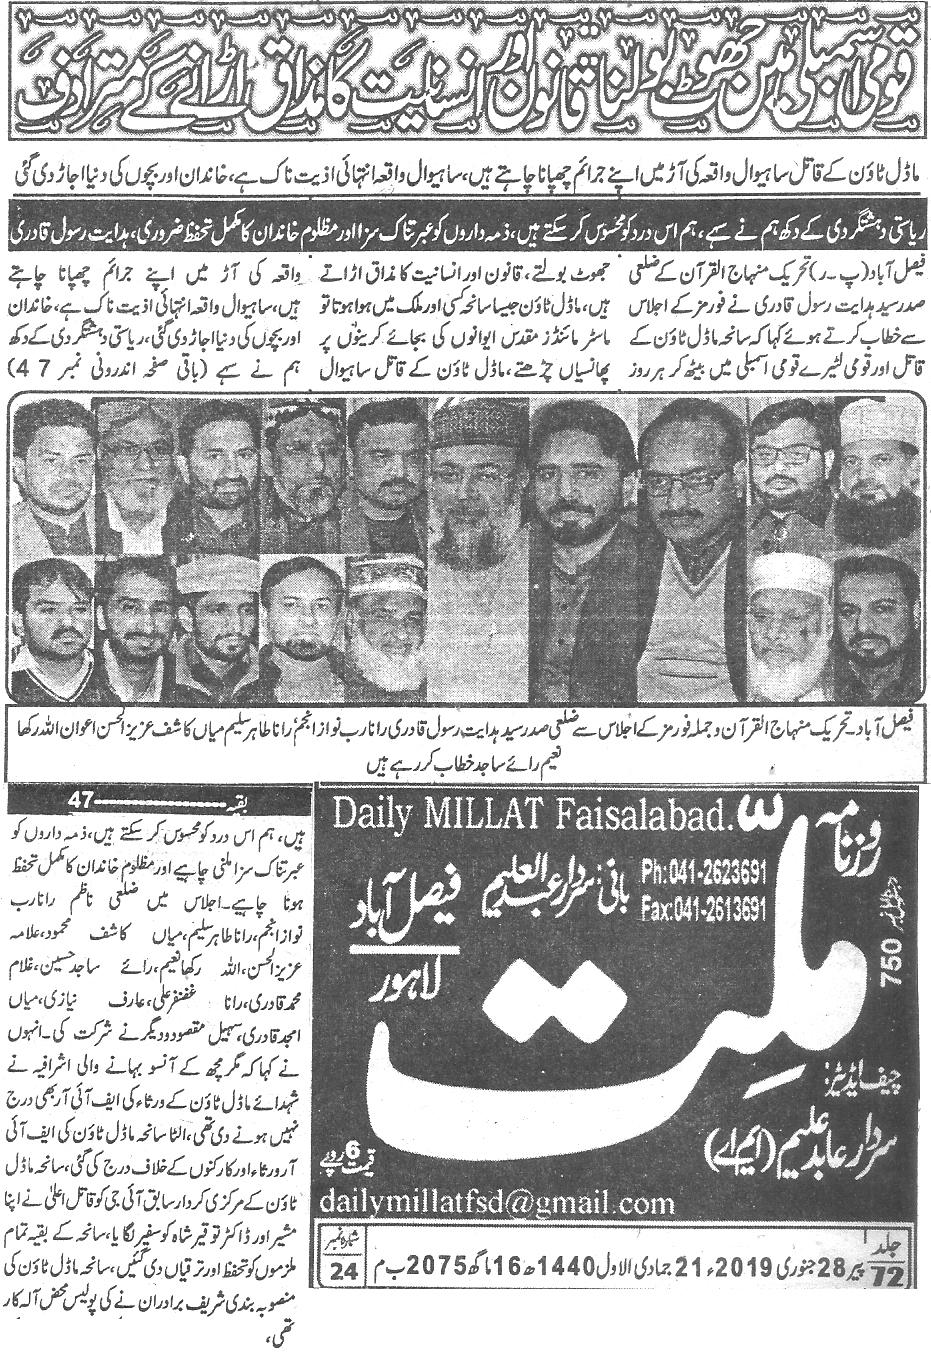 Minhaj-ul-Quran  Print Media Coverage Daily Millat  page 1